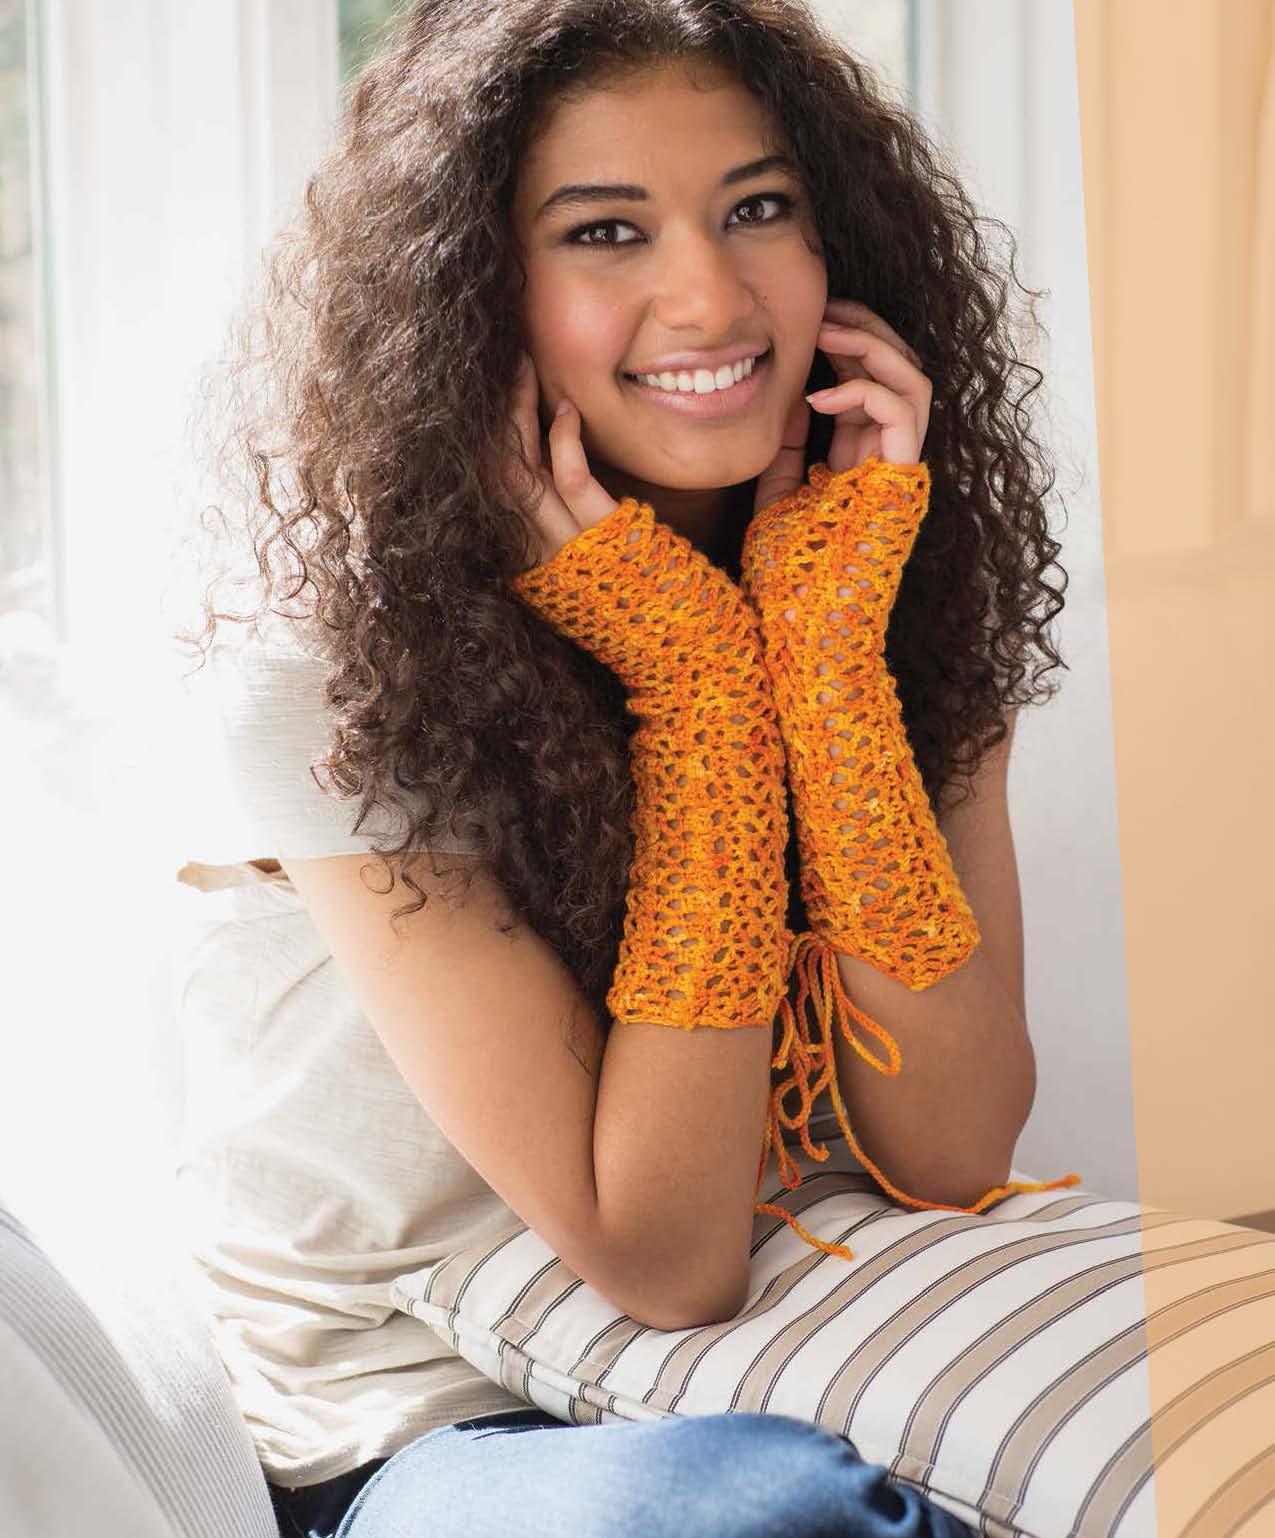 Crochet So Lovely -  Corset-Laced Gauntlets beauty shot.jpg